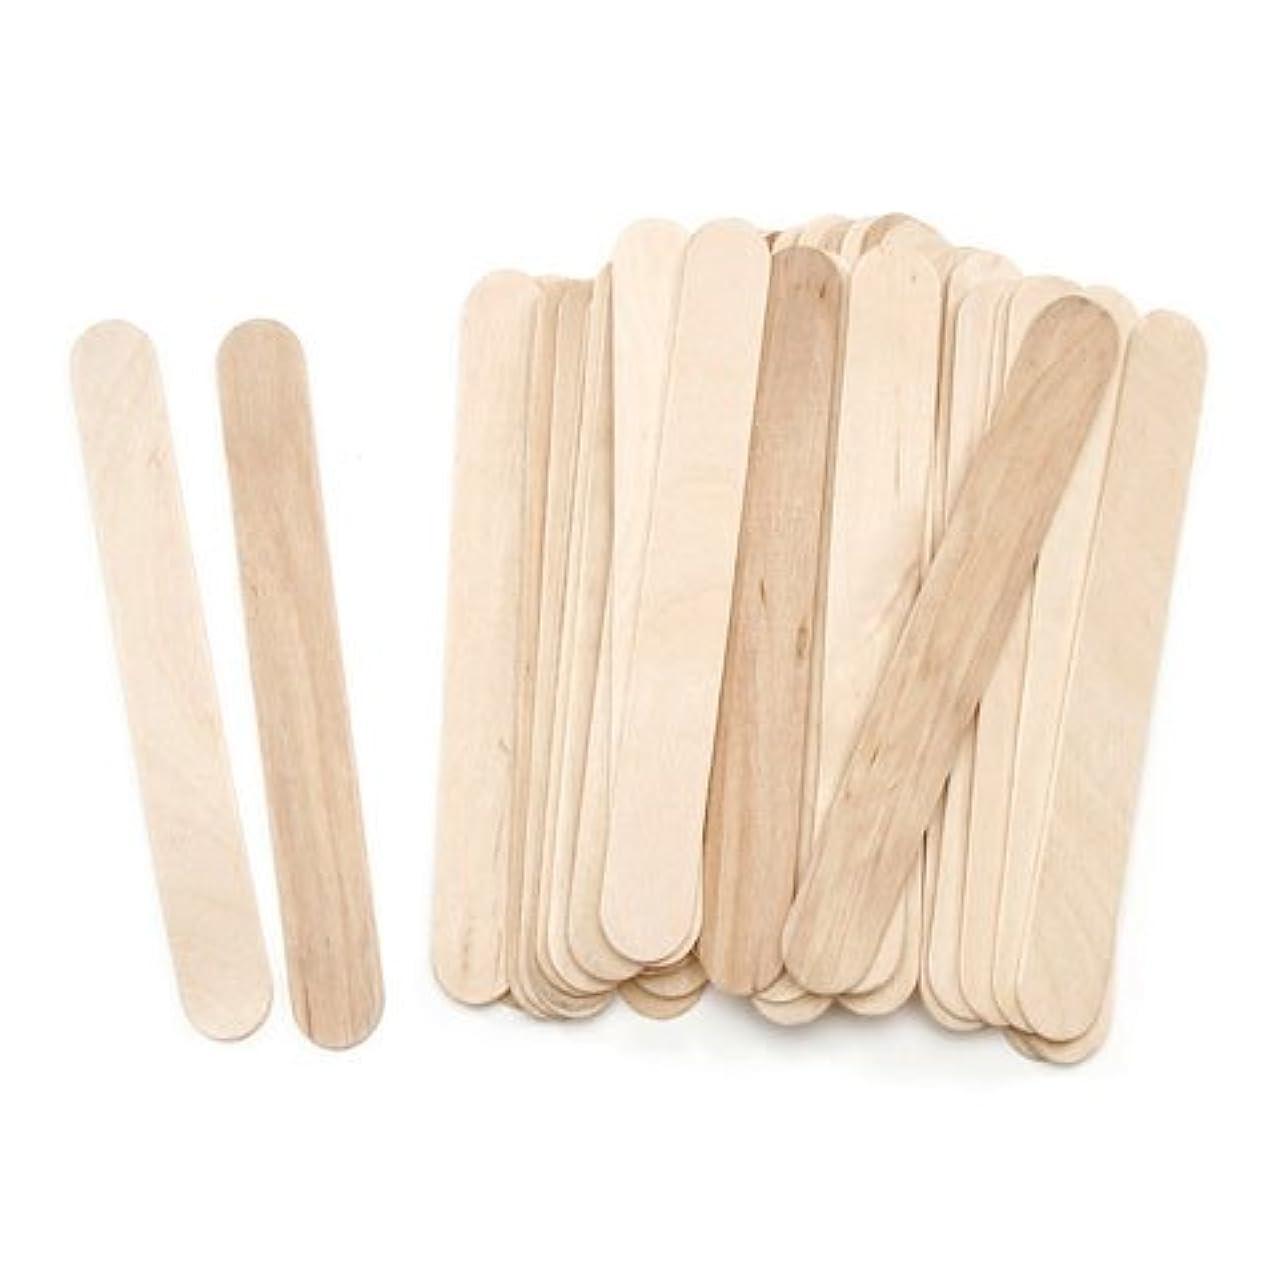 Natural Jumbo Wood Craft Sticks 6